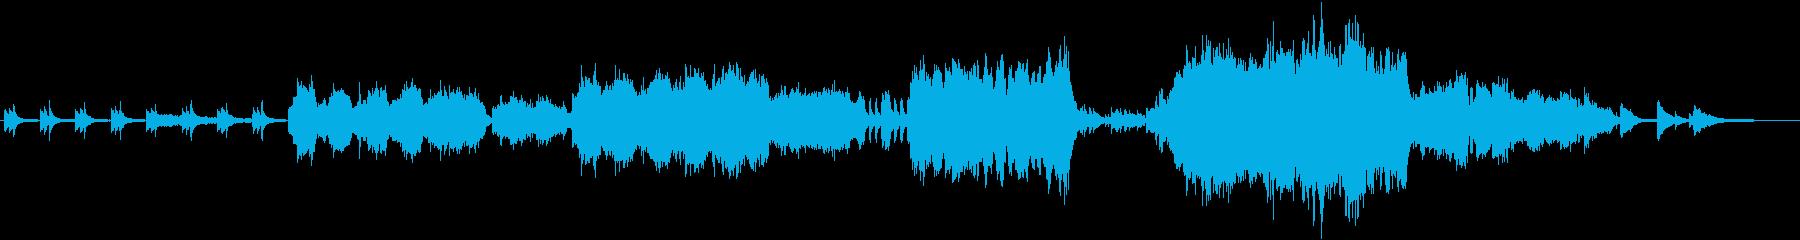 映像によくマッチする透明感が印象的な曲の再生済みの波形